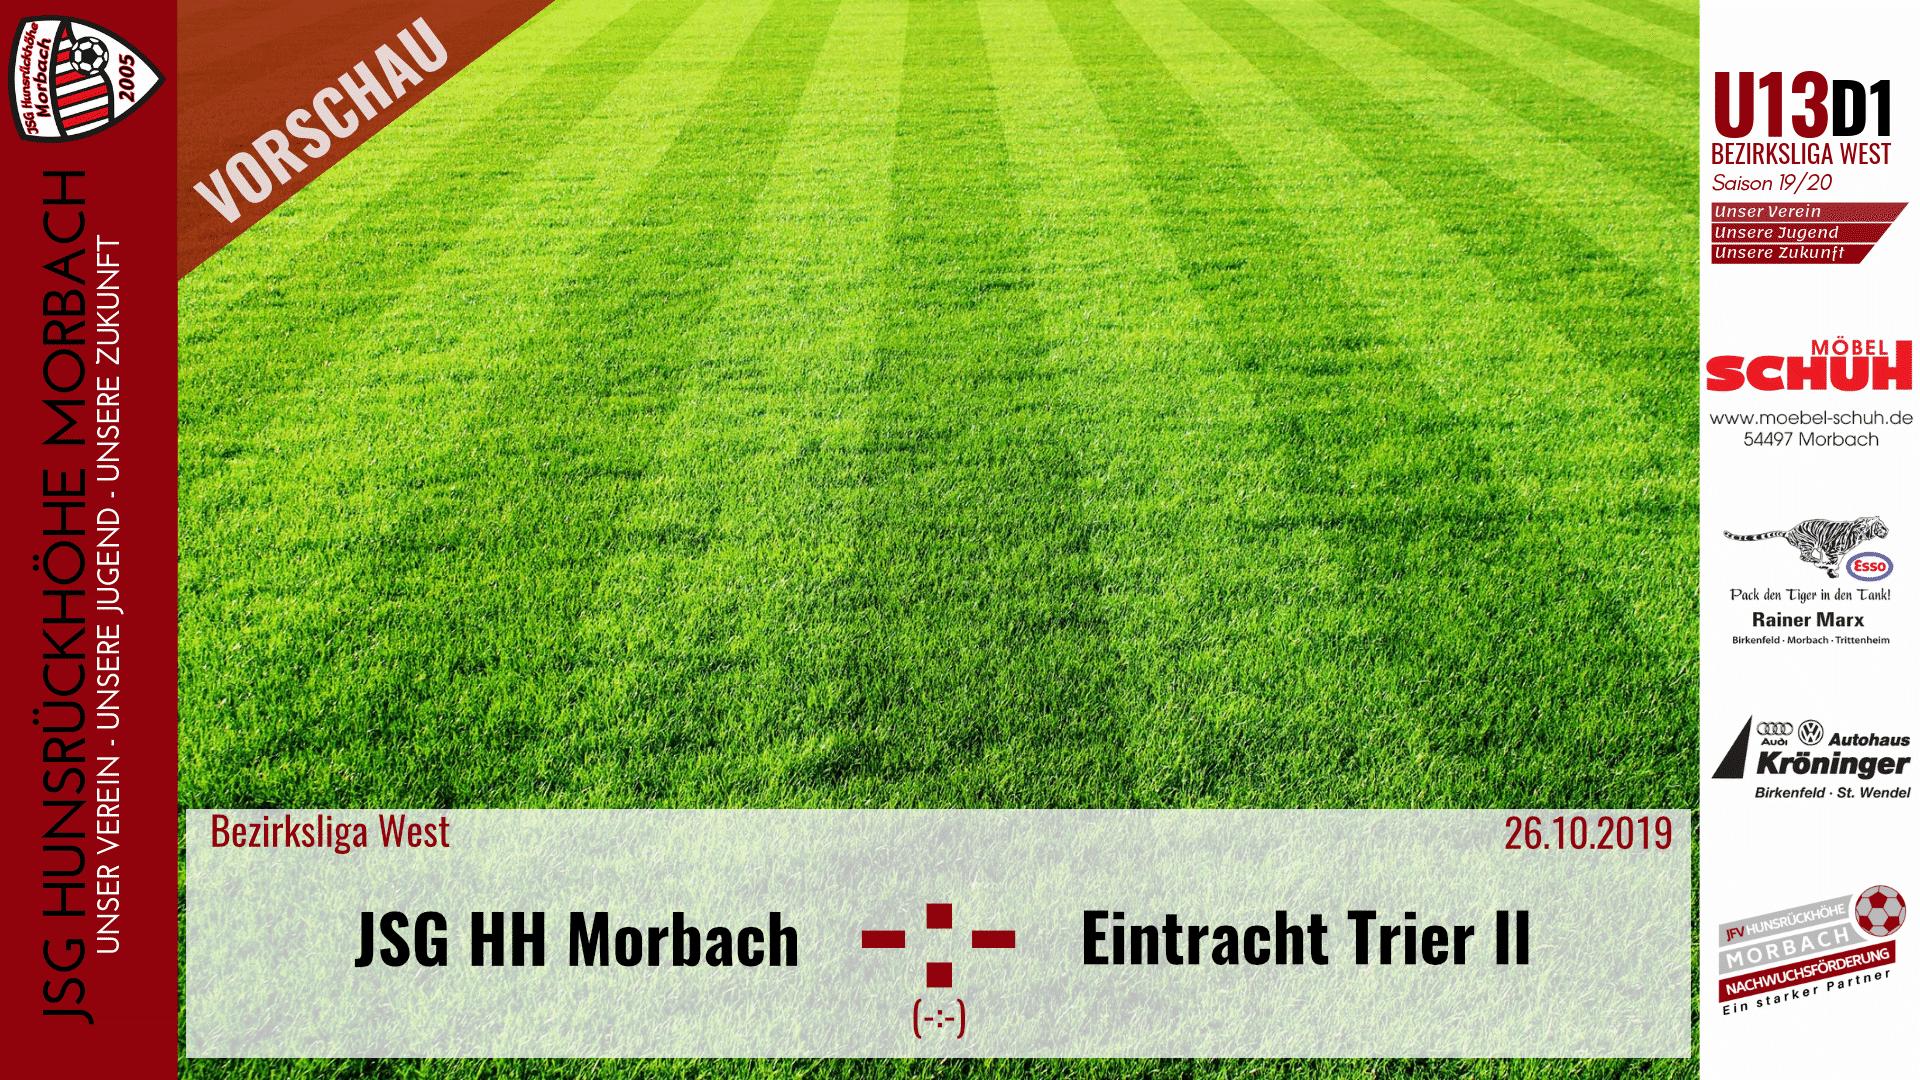 U13 D1: Vorbericht ~ JSG Hunsrückhöhe Morbach – Eintracht Trier II ~ Sa., 26.10.2019 11:00 Uhr